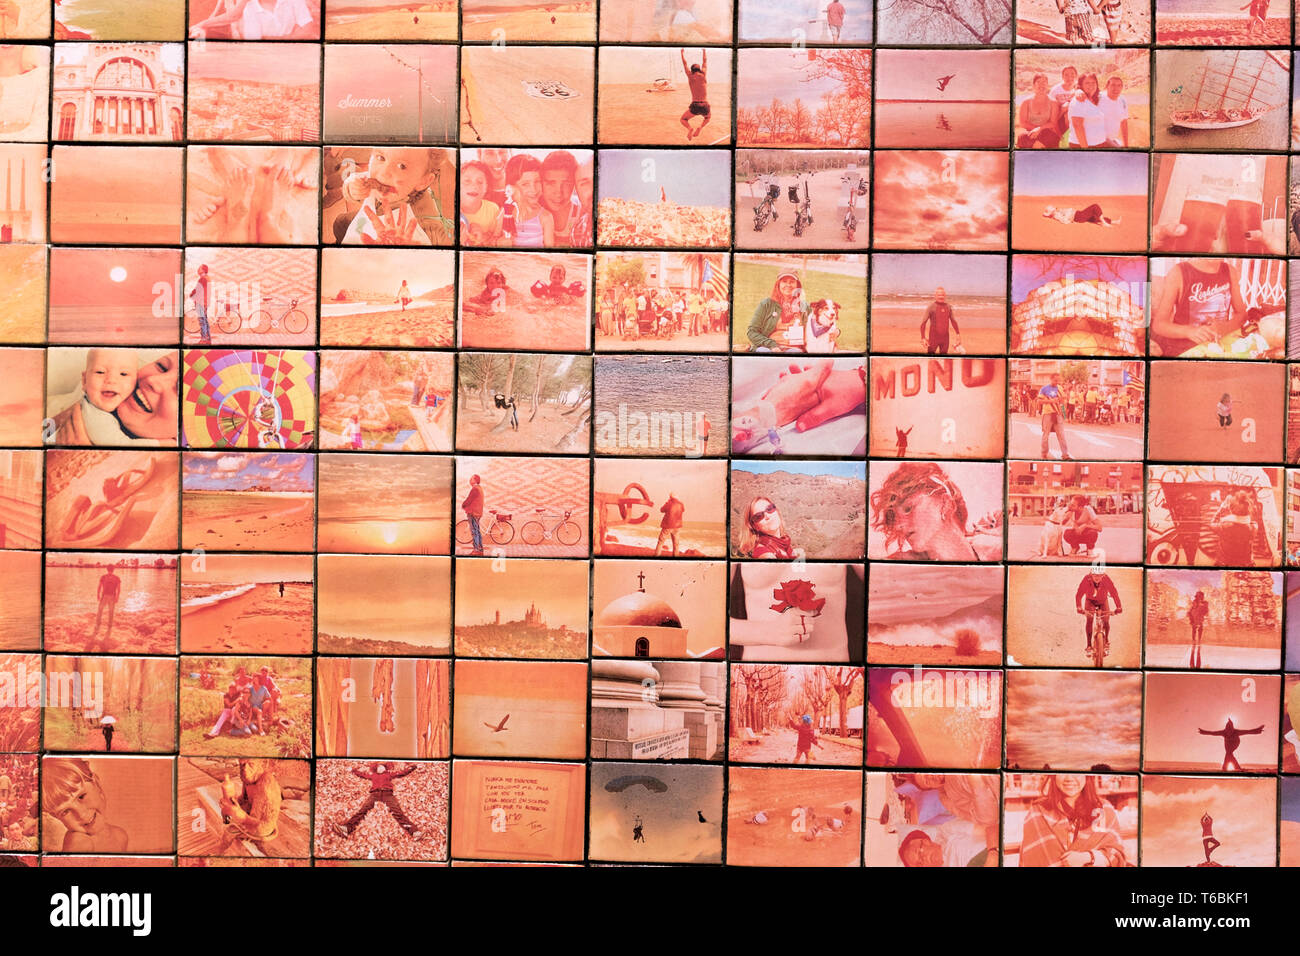 """""""El Món Neix en Cañada Besada' (El Mundo empieza con cada beso) mural de Joan Fontcuberta, Barcelona. El icónico mural está hecha de azulejos con foto Imagen De Stock"""